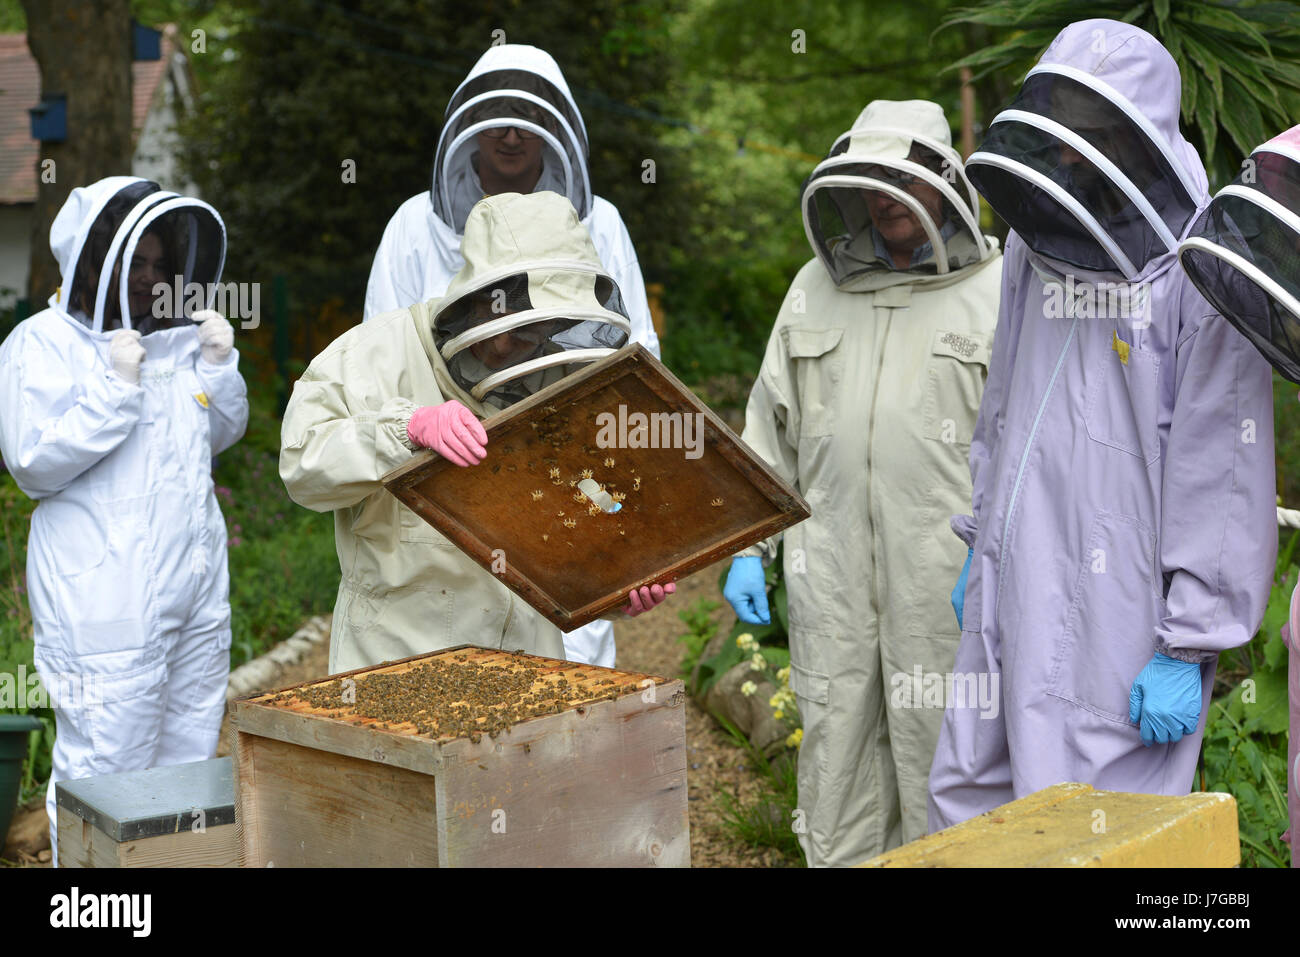 Bienenzucht von Urban Bee im Londoner Kennington Park. Stockfoto